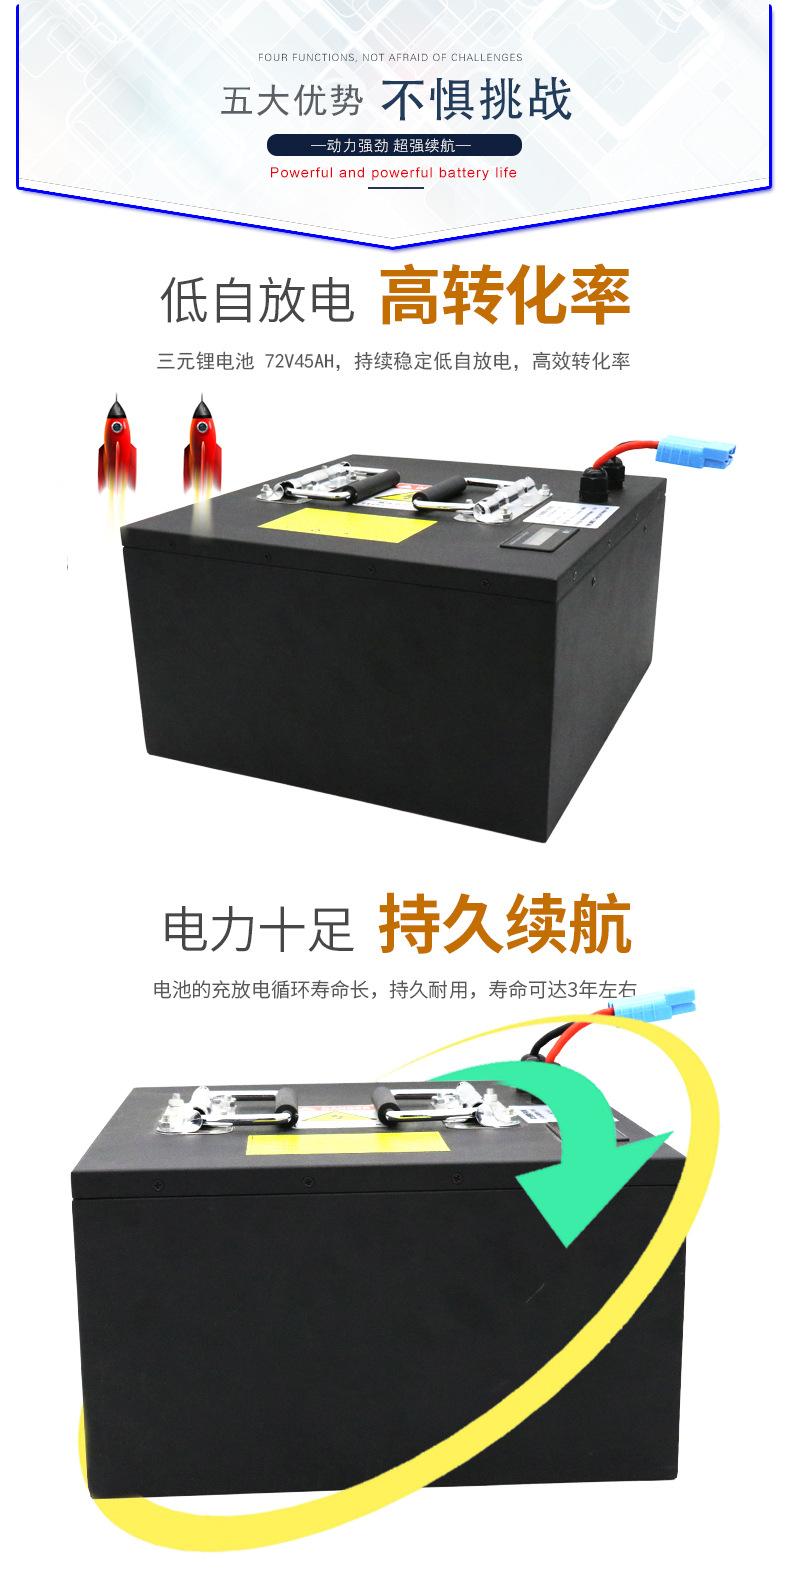 现货72V45AH电动车三元锂电池组电动摩托车全新持续强劲动力电池 18650 软包电池 铅酸换锂电池电动车示例图4